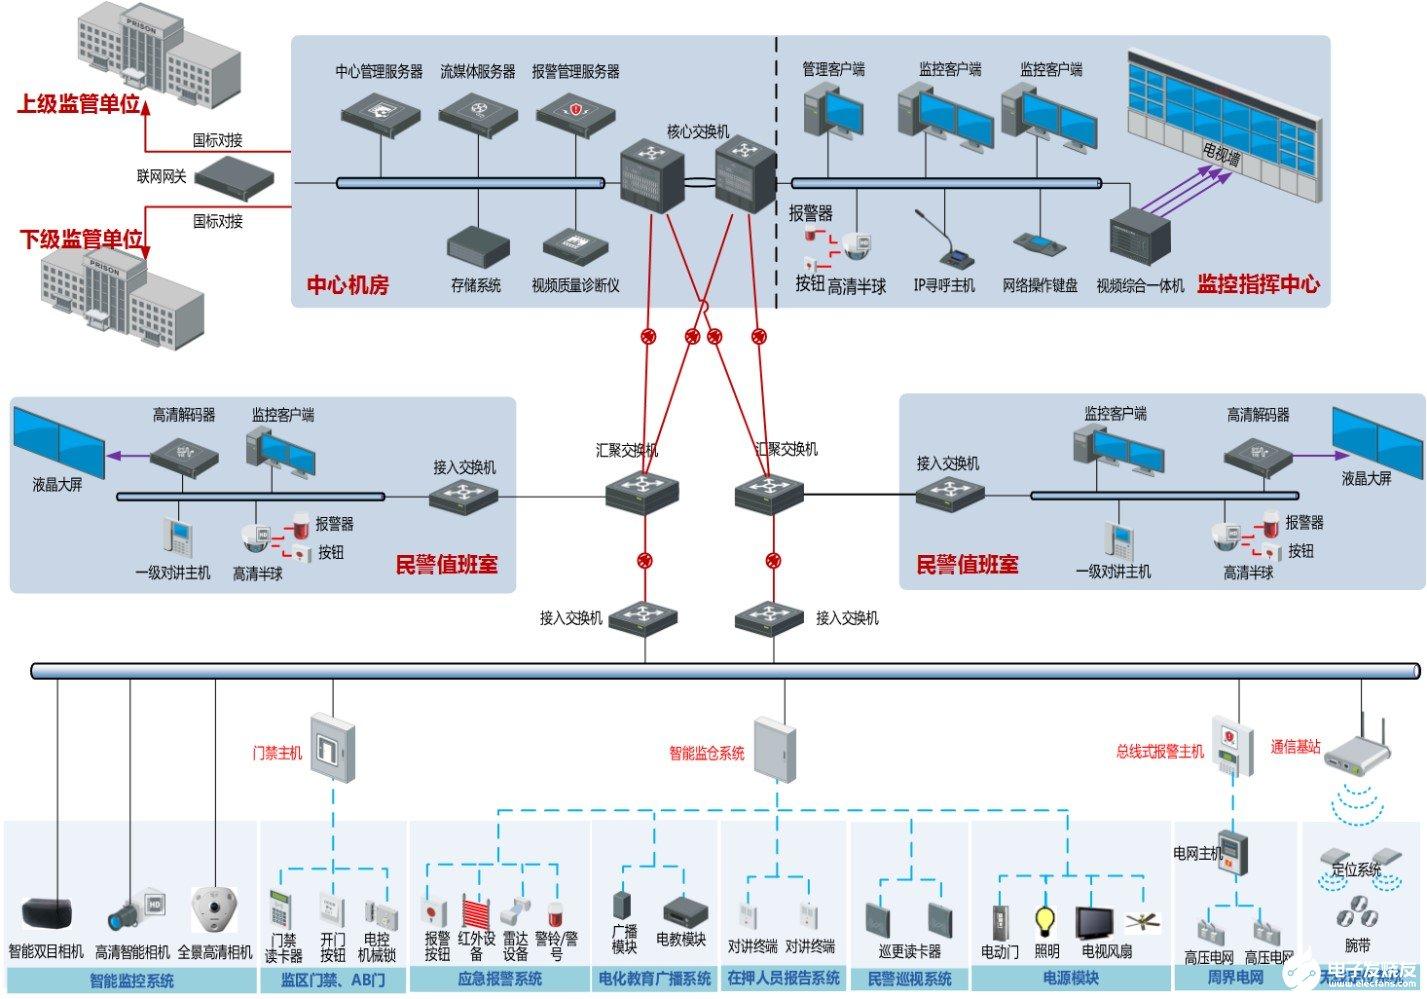 海康威视智慧型平安监所系统的功能特点及应用